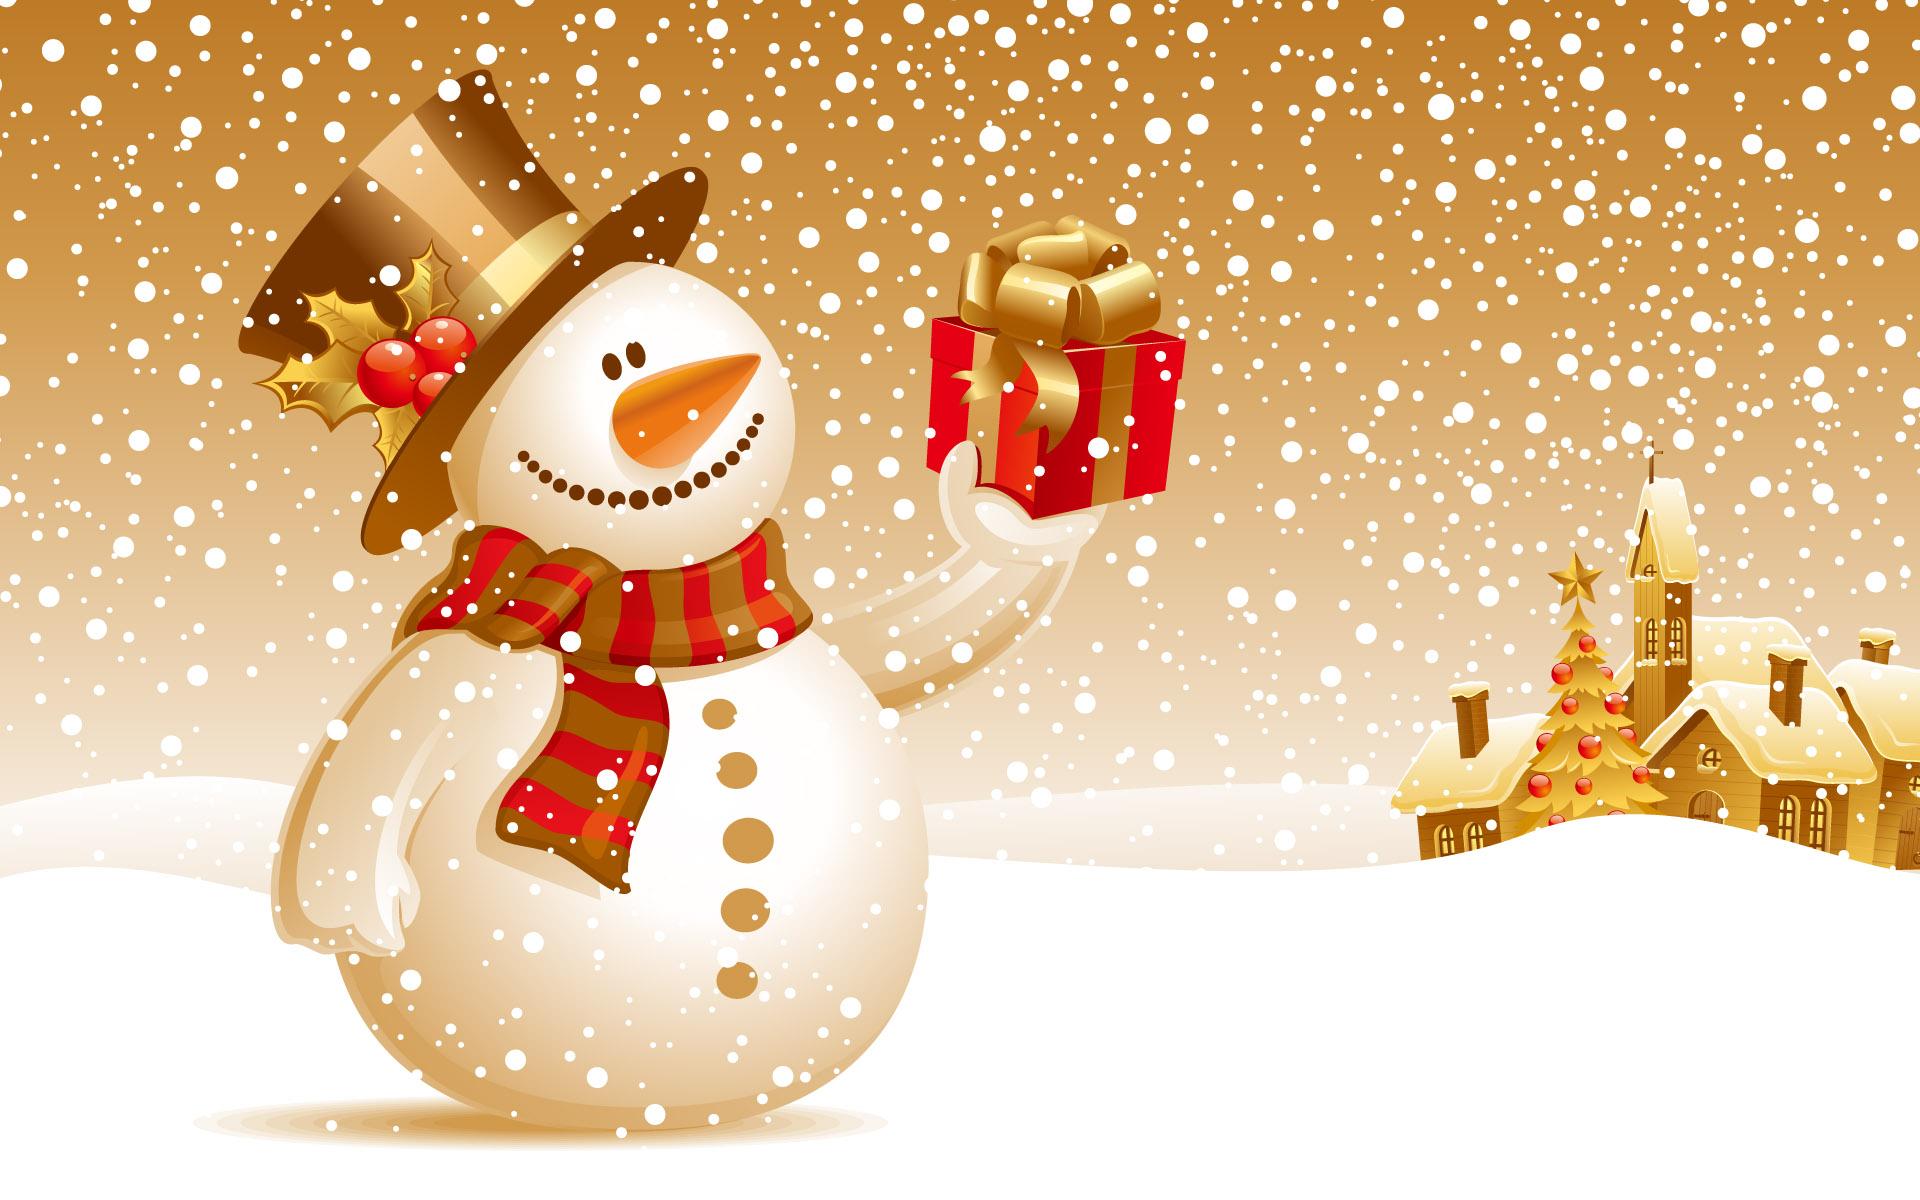 Snowman Christmas Gift